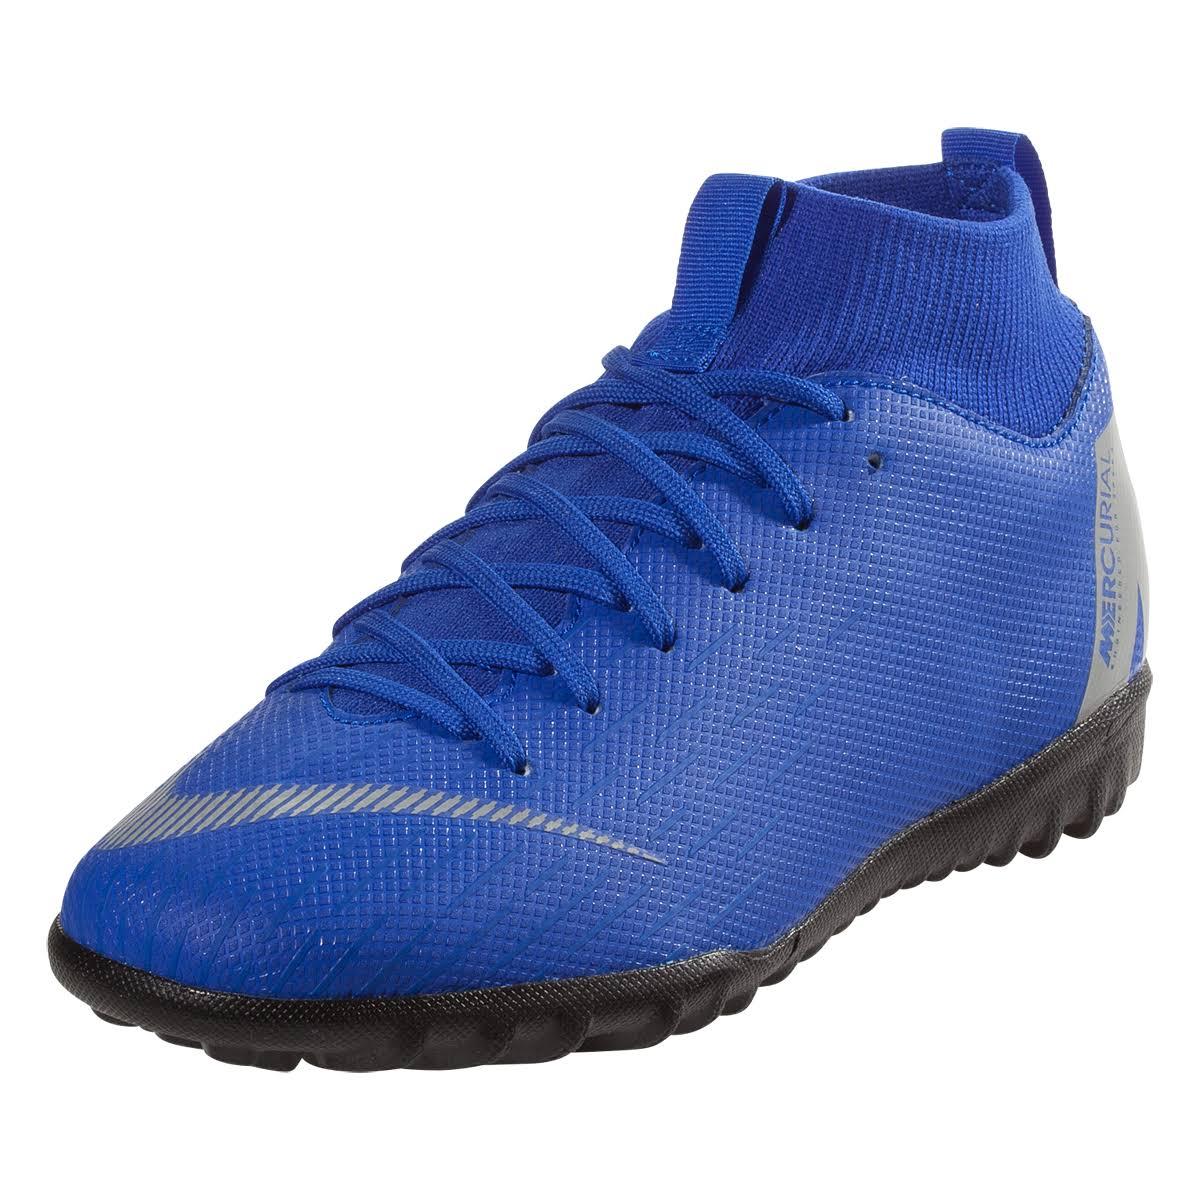 Vi Blau Nike Tf Superfly 1 Academy Mercurial qTwEPwZO